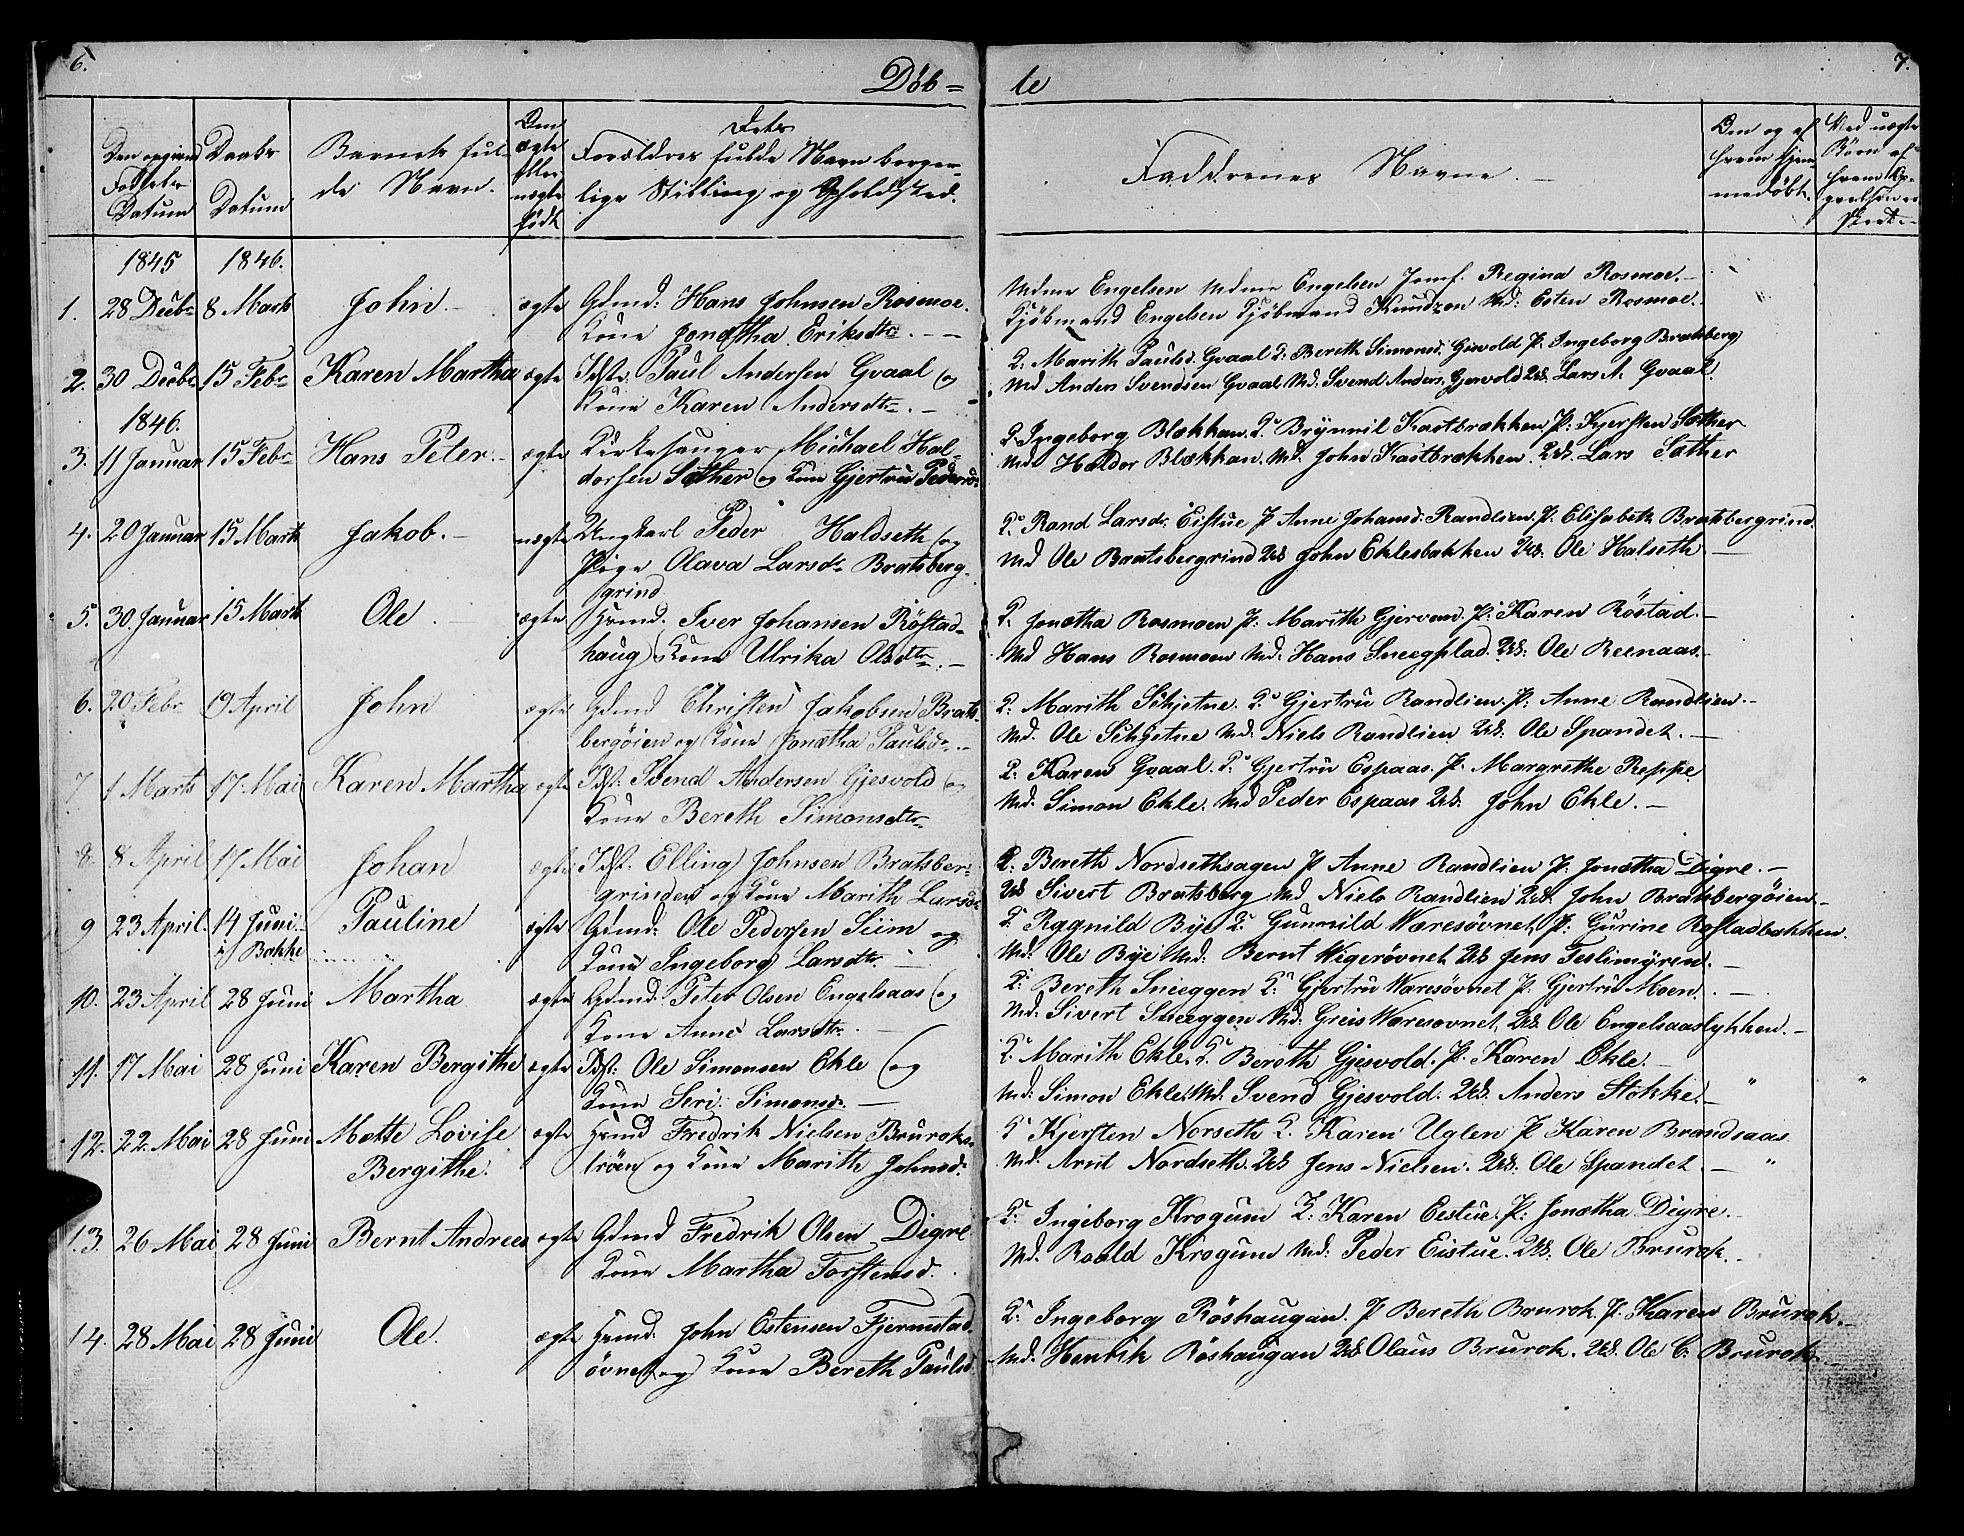 SAT, Ministerialprotokoller, klokkerbøker og fødselsregistre - Sør-Trøndelag, 608/L0339: Klokkerbok nr. 608C05, 1844-1863, s. 6-7